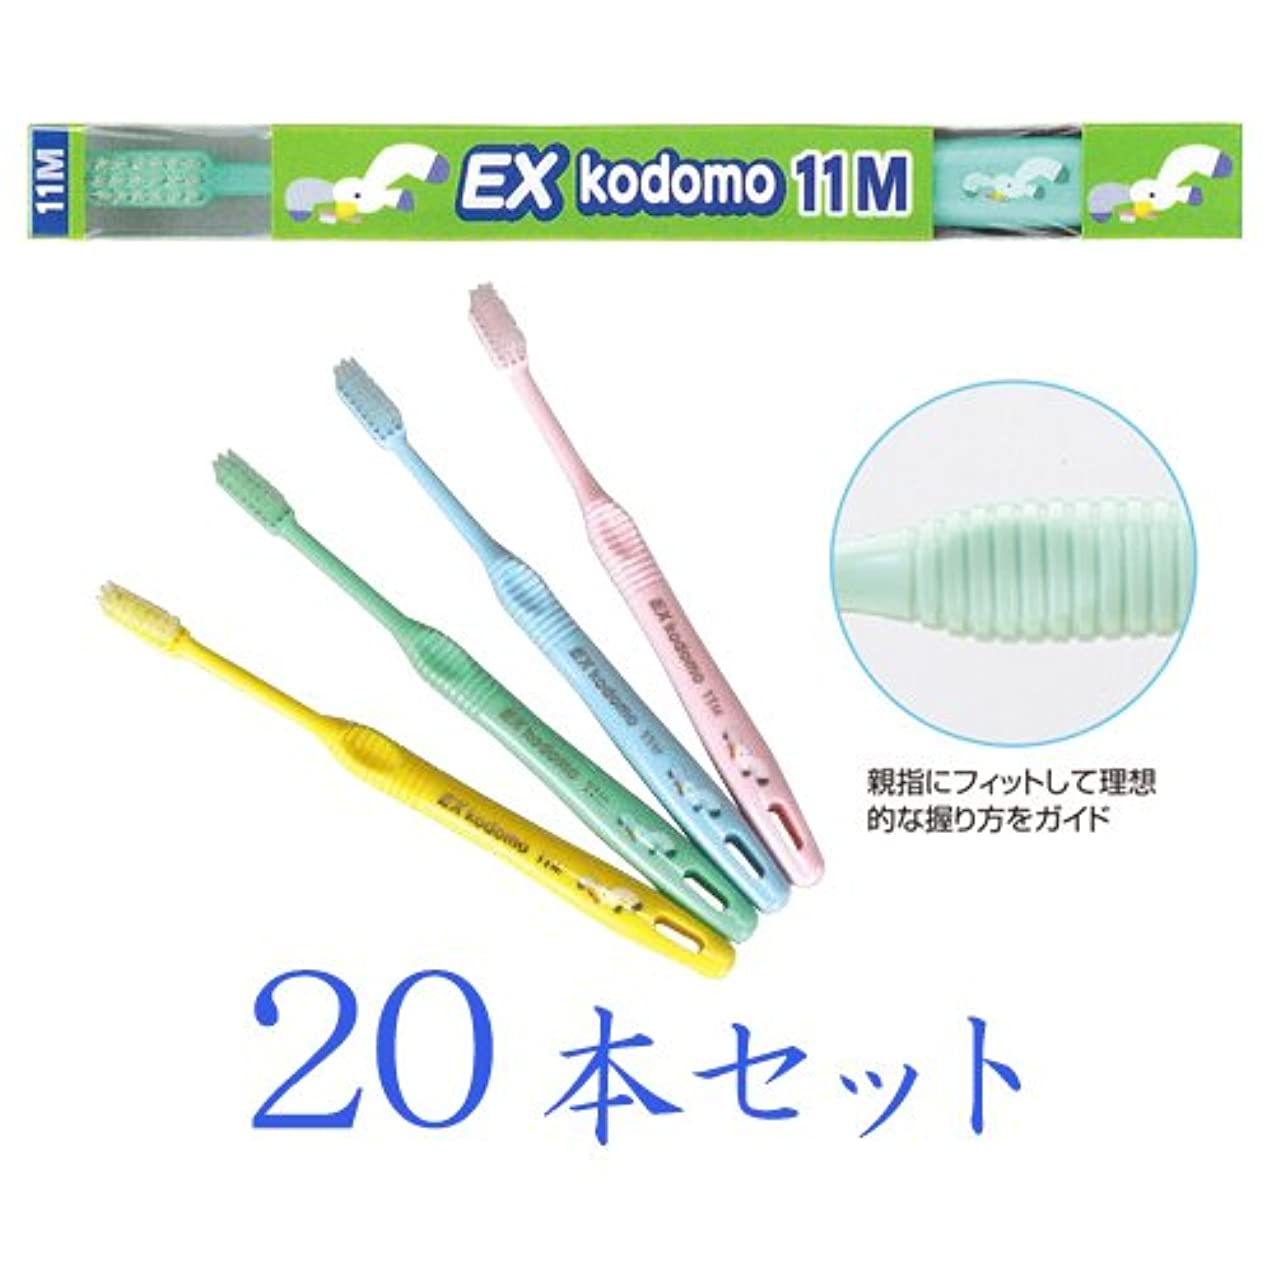 余裕があるモニター裁判所ライオン DENT.EX コドモ歯ブラシ 20本入 11M(混合歯列後期用?8~12歳)(カモメ)